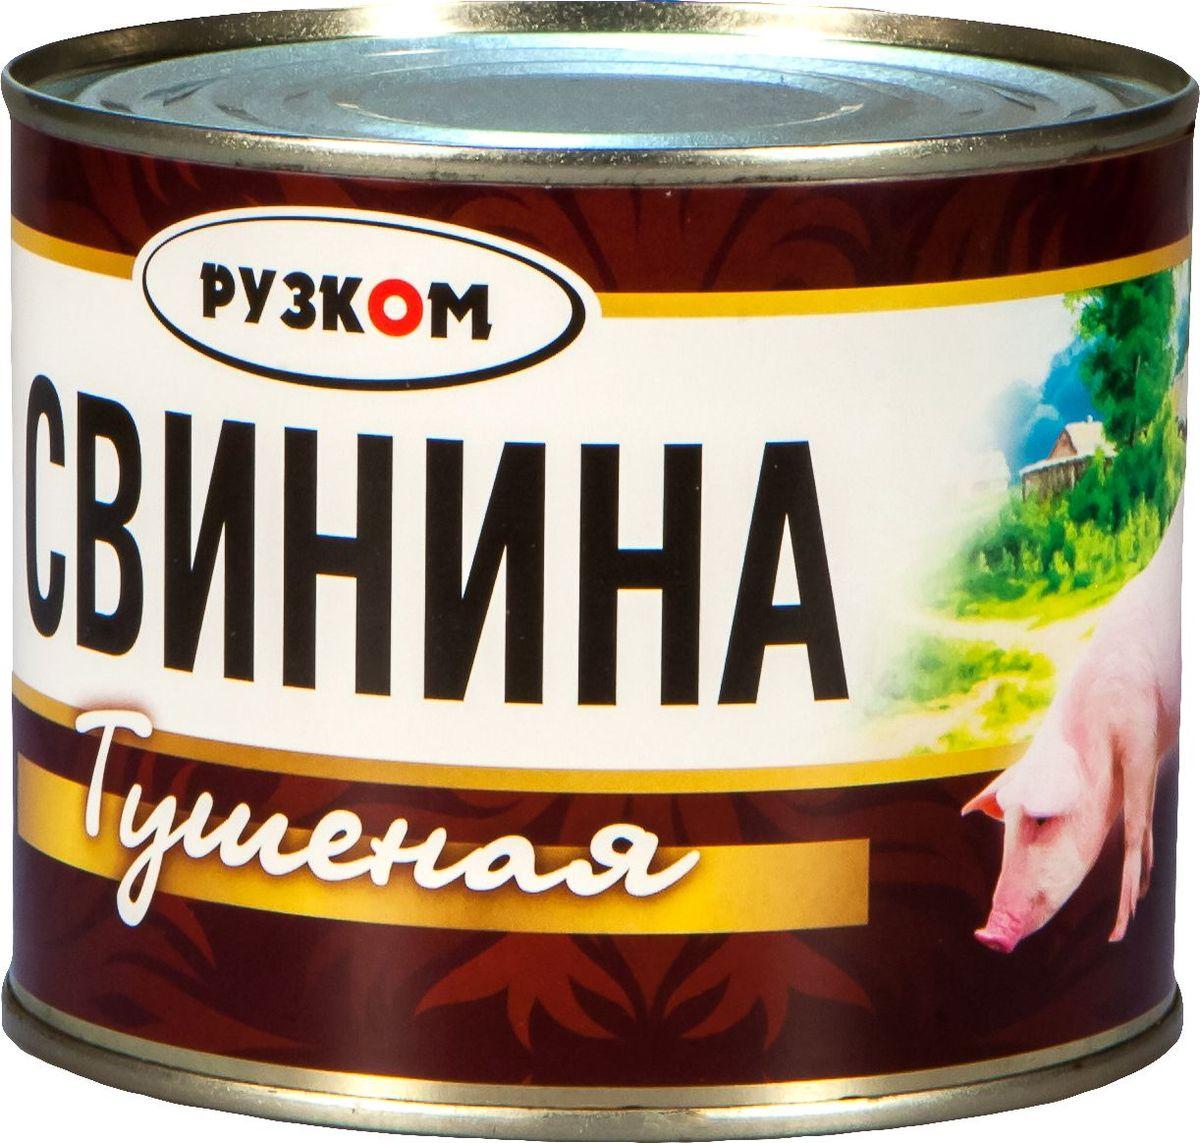 Рузком Свинина тушеная высший сорт ГОСТ, 525 г дачник свинина тушеная гост эконом высший сорт 325 г